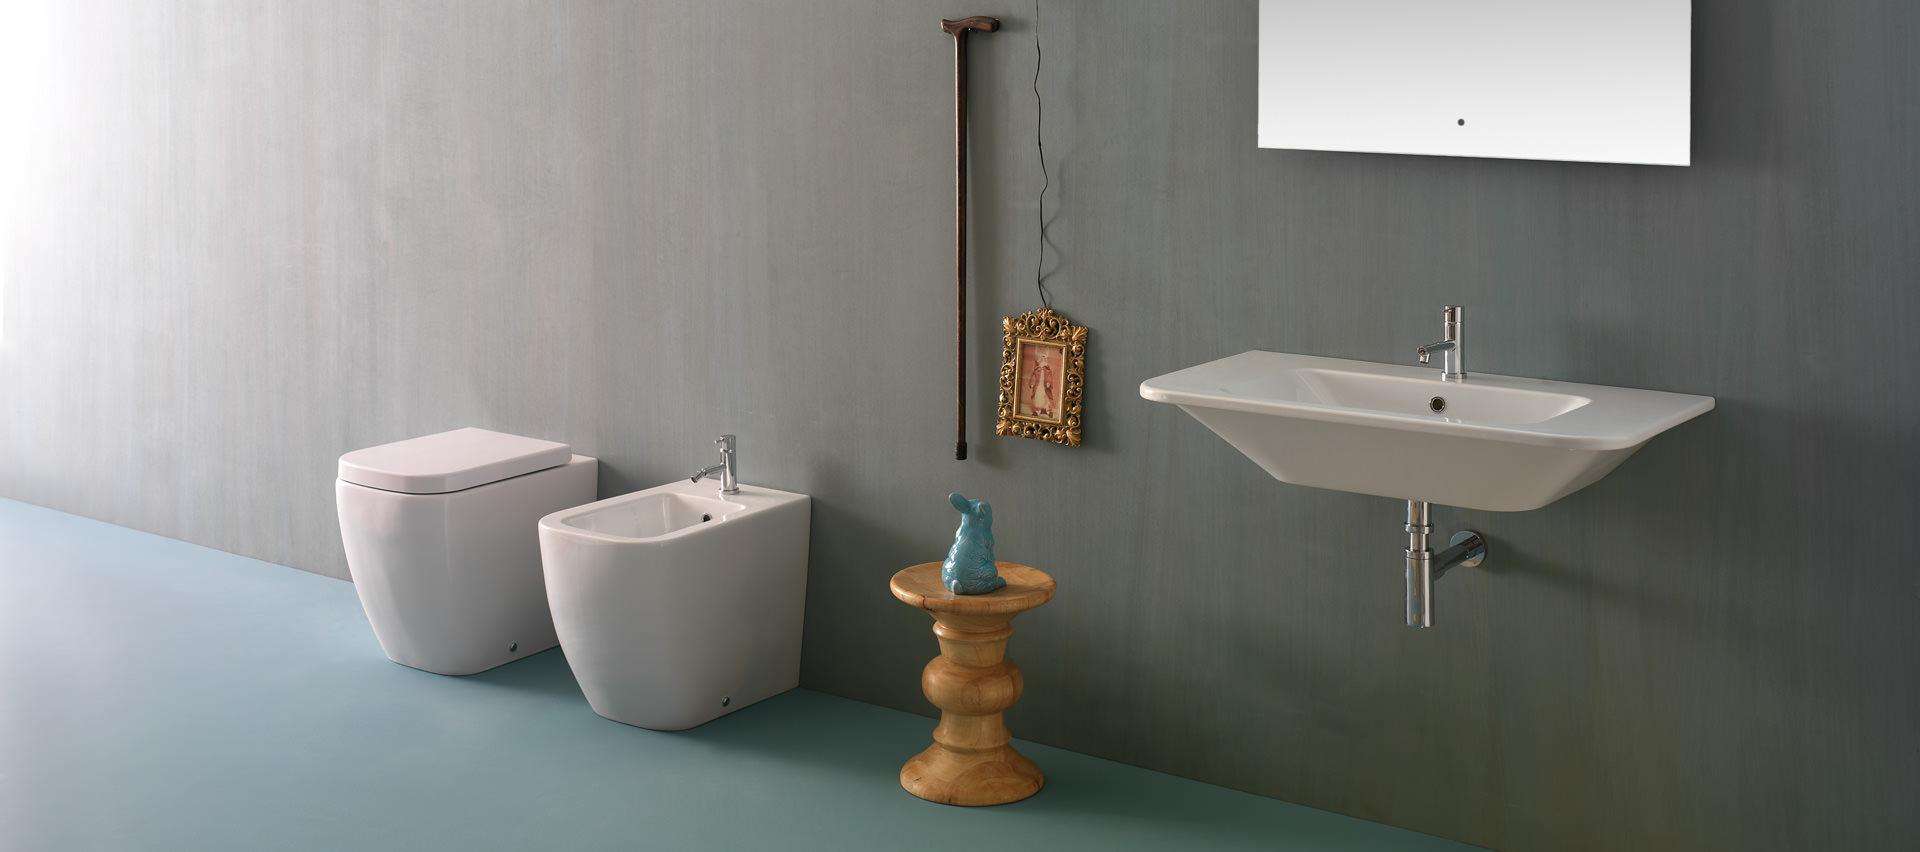 fliesen und feinsteinzeug unsere produkte und marken. Black Bedroom Furniture Sets. Home Design Ideas